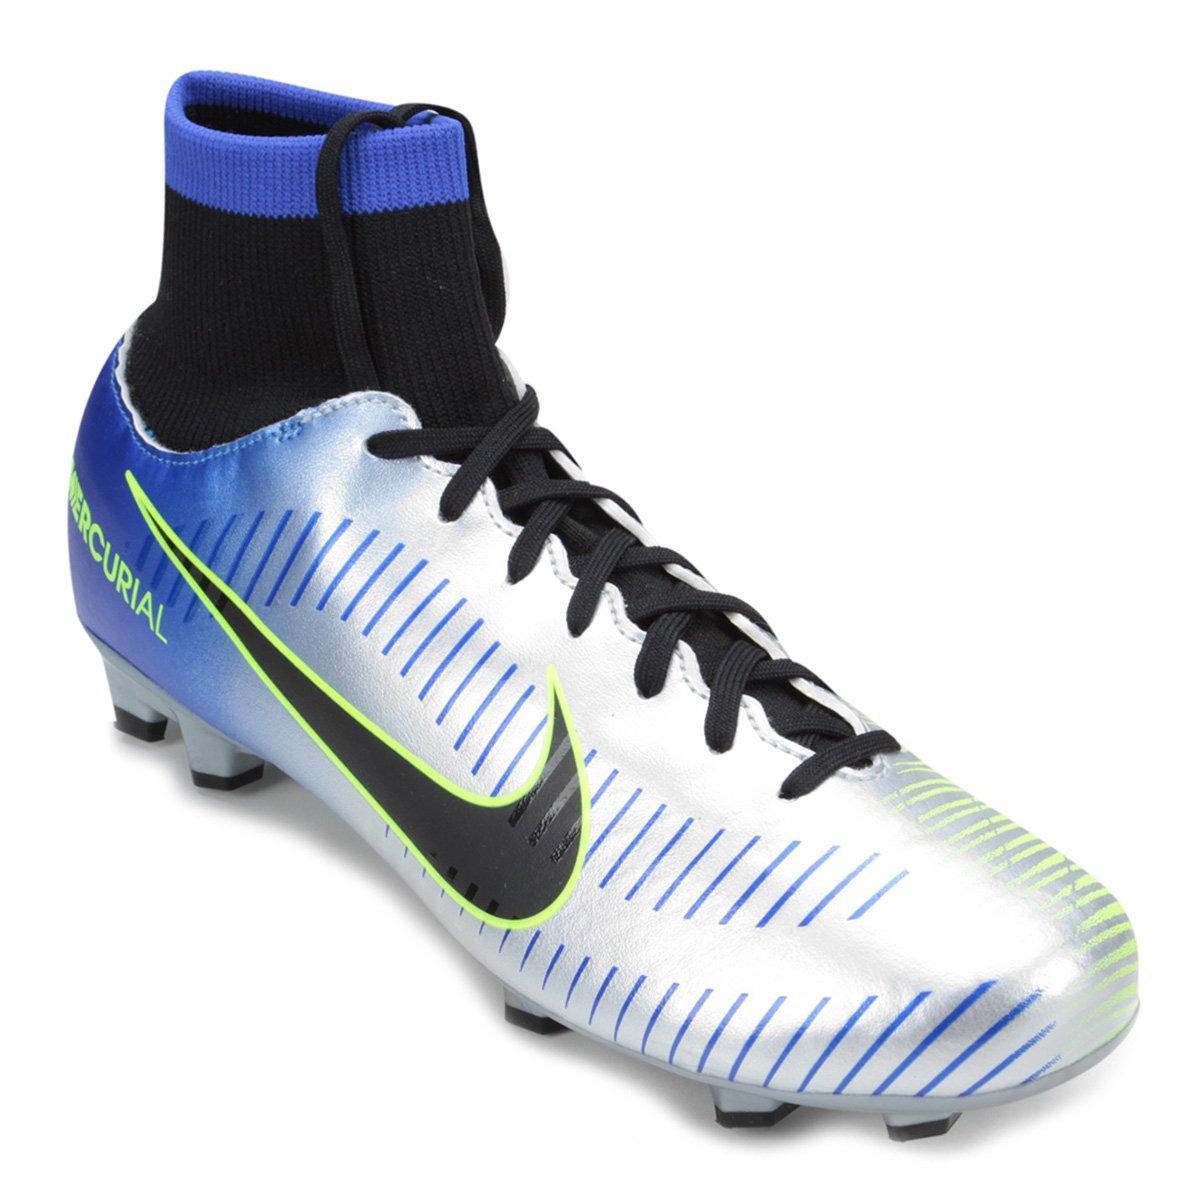 Chuteira Campo Nike Mercurial Victory 6 DF Neymar Jr FG - Azul e ... d49a1dc6e119e